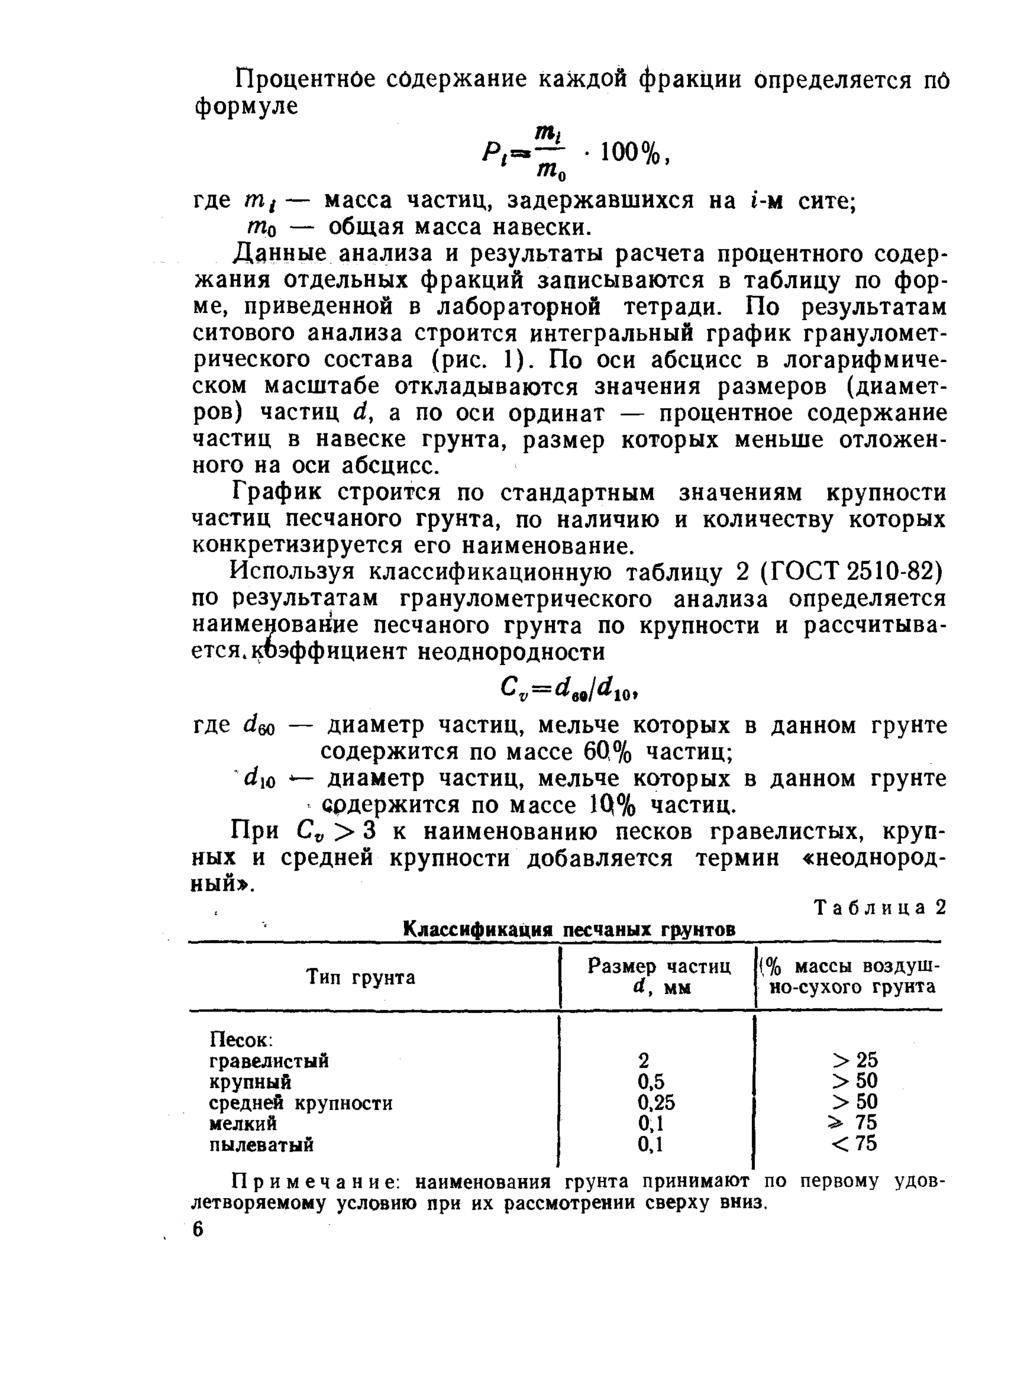 Гранулометрический состав почвы — википедия. что такое гранулометрический состав почвы